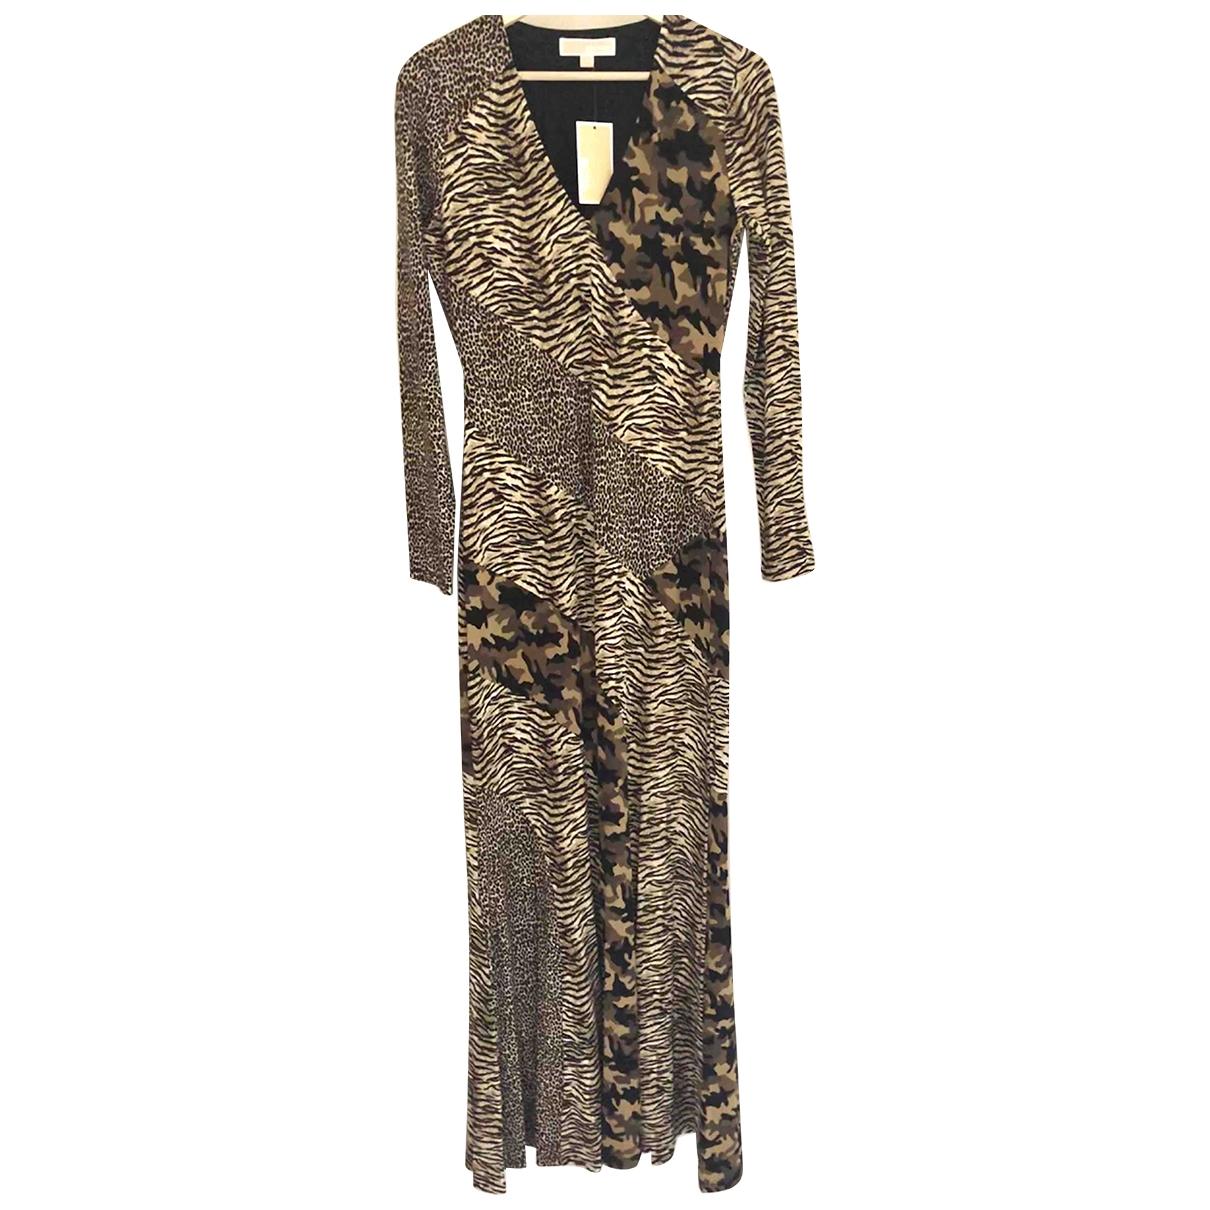 Michael Kors \N Kleid in  Braun Polyester